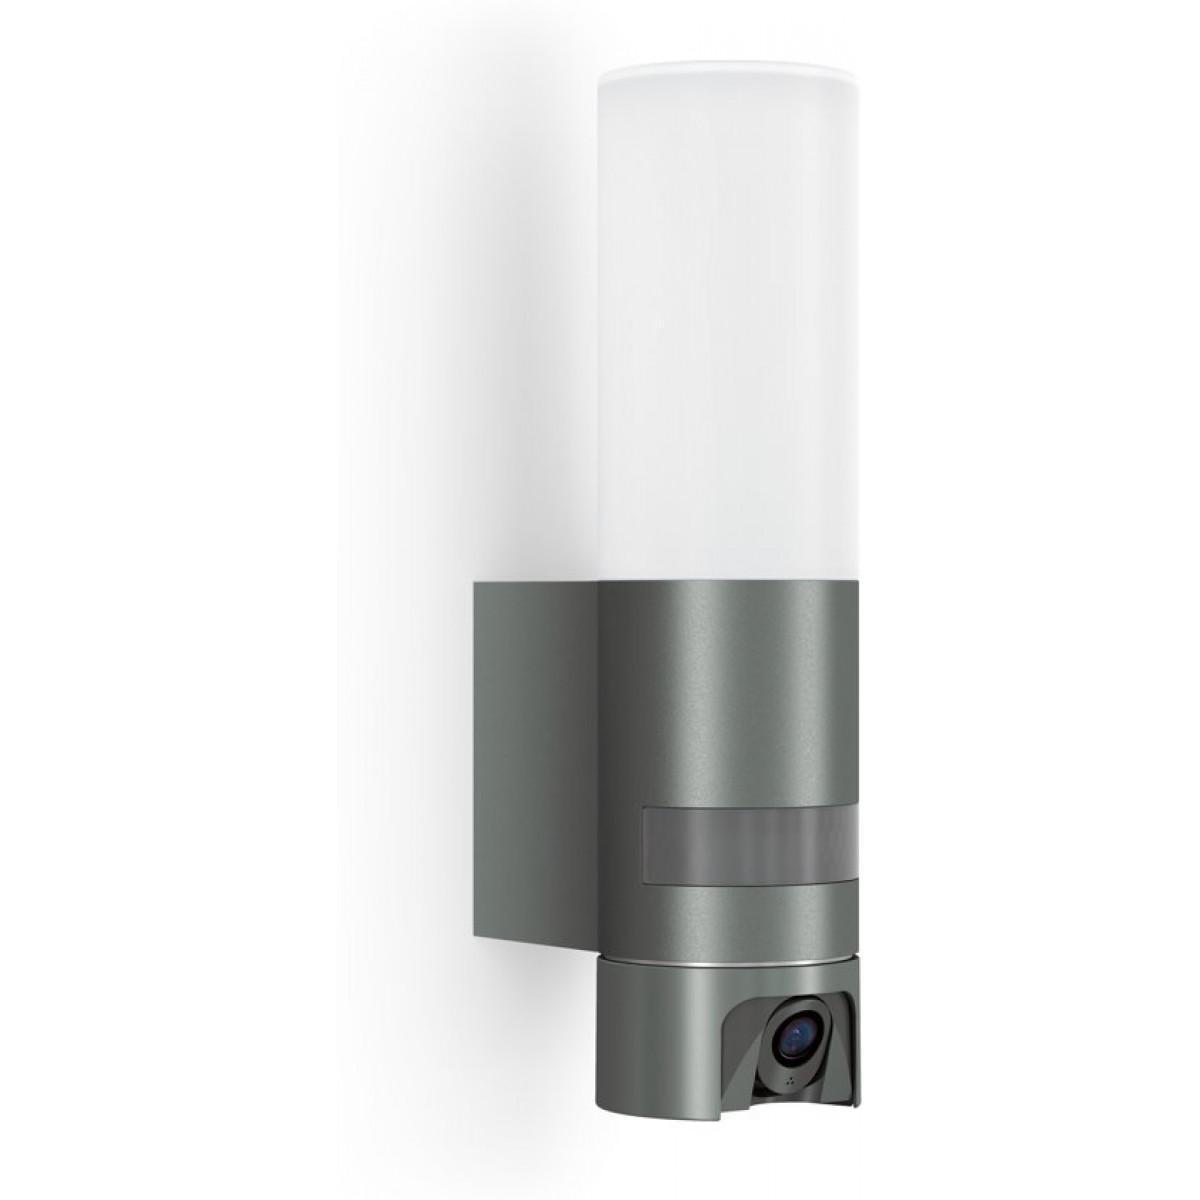 Sensorlamp met camera